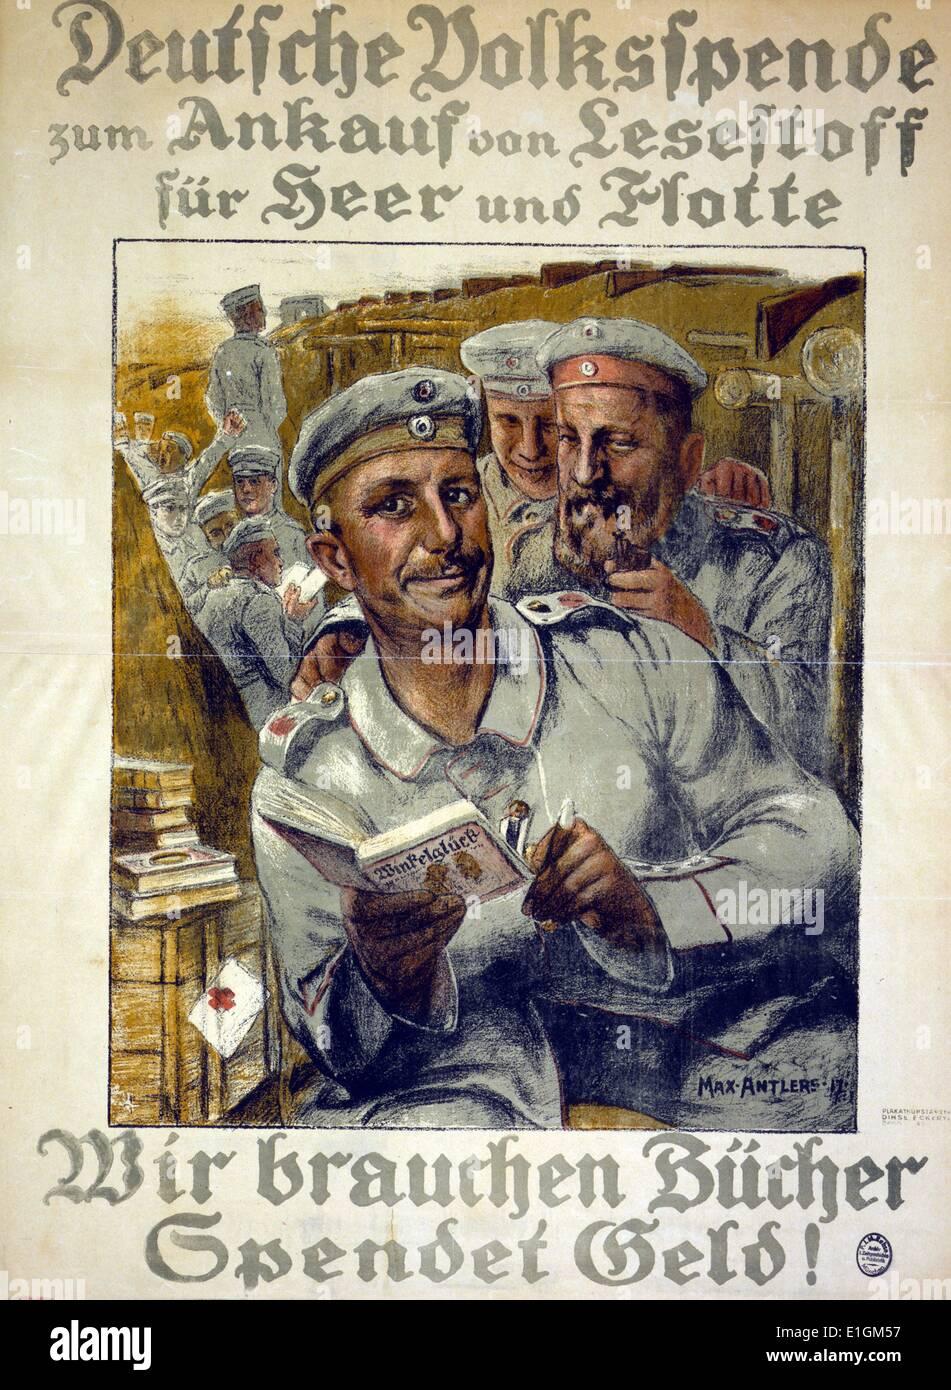 World War One Propaganda Poster Stock Photos & World War One ...